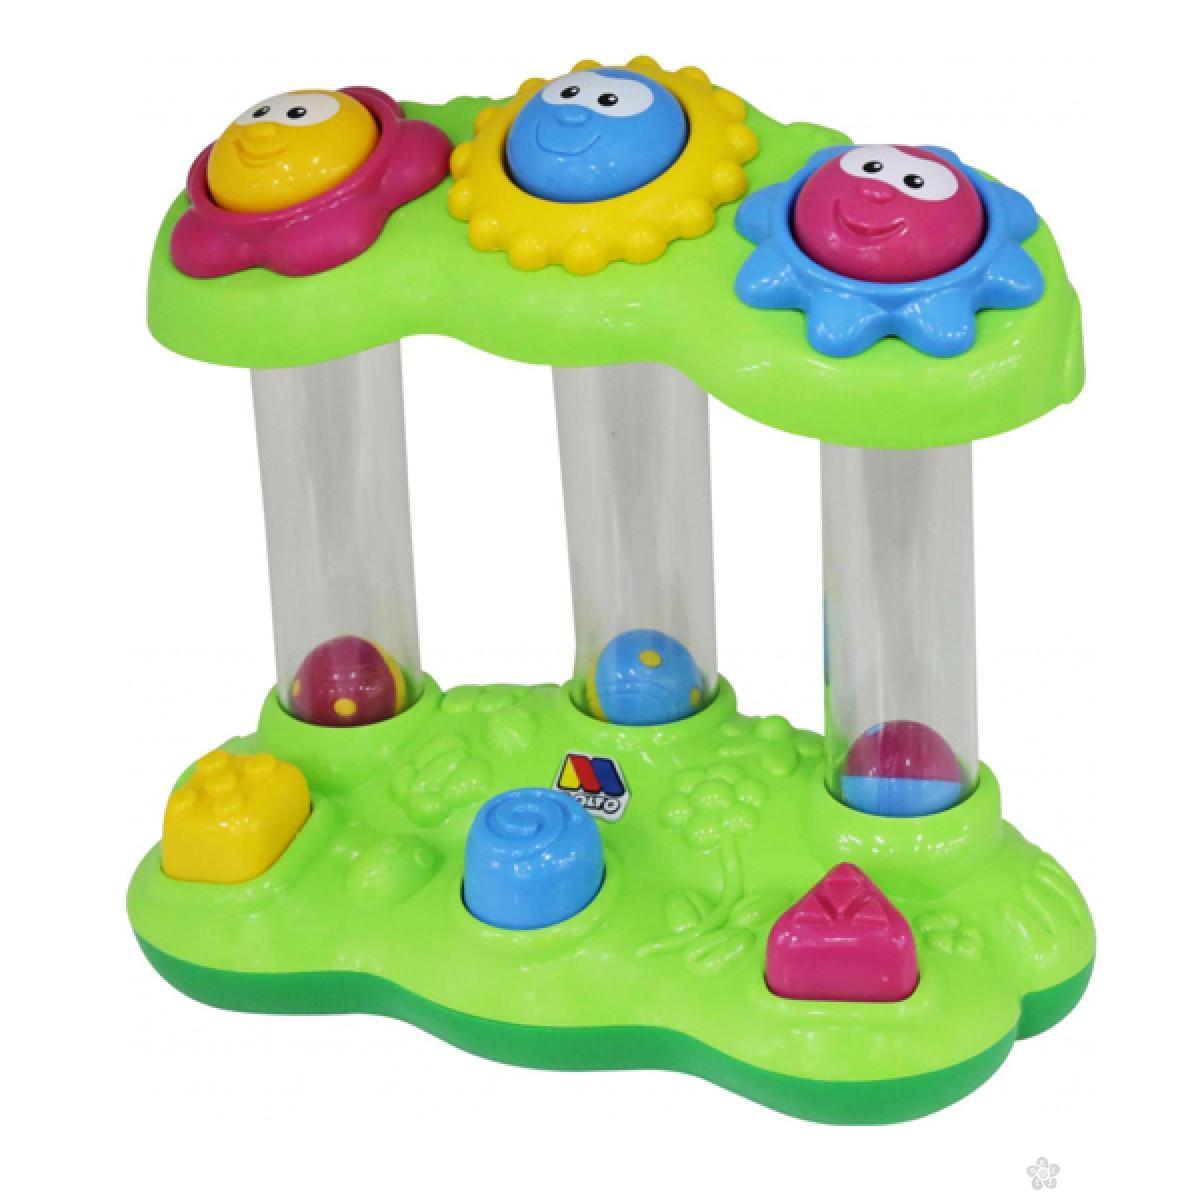 Bebi igračka loptice 047090